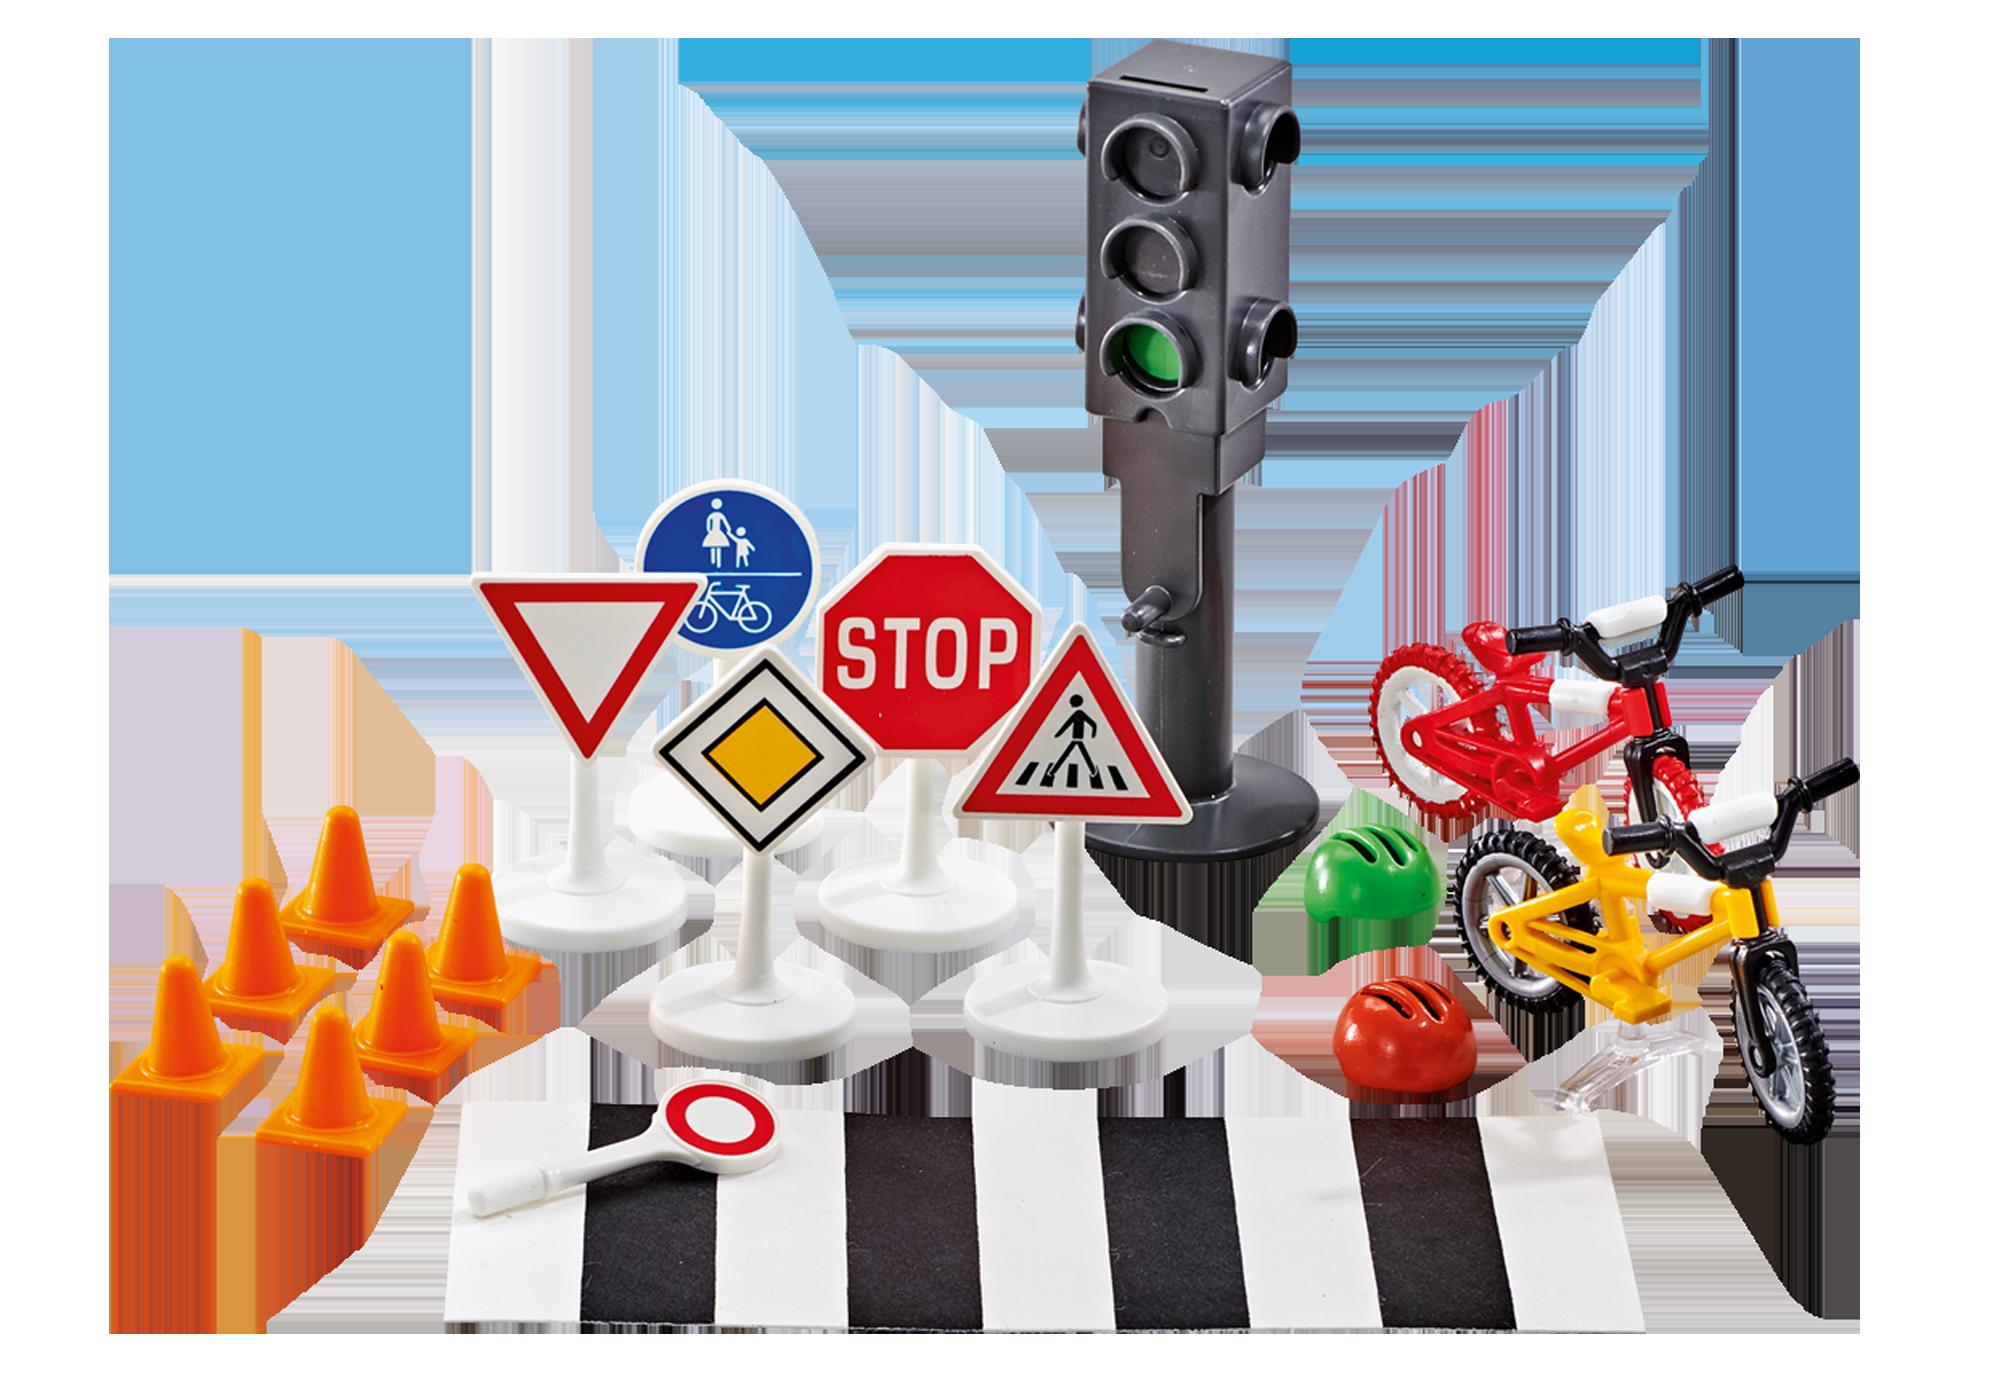 9812_product_detail/Εξοπλισμός και σήμανση οδικής κυκλοφορίας